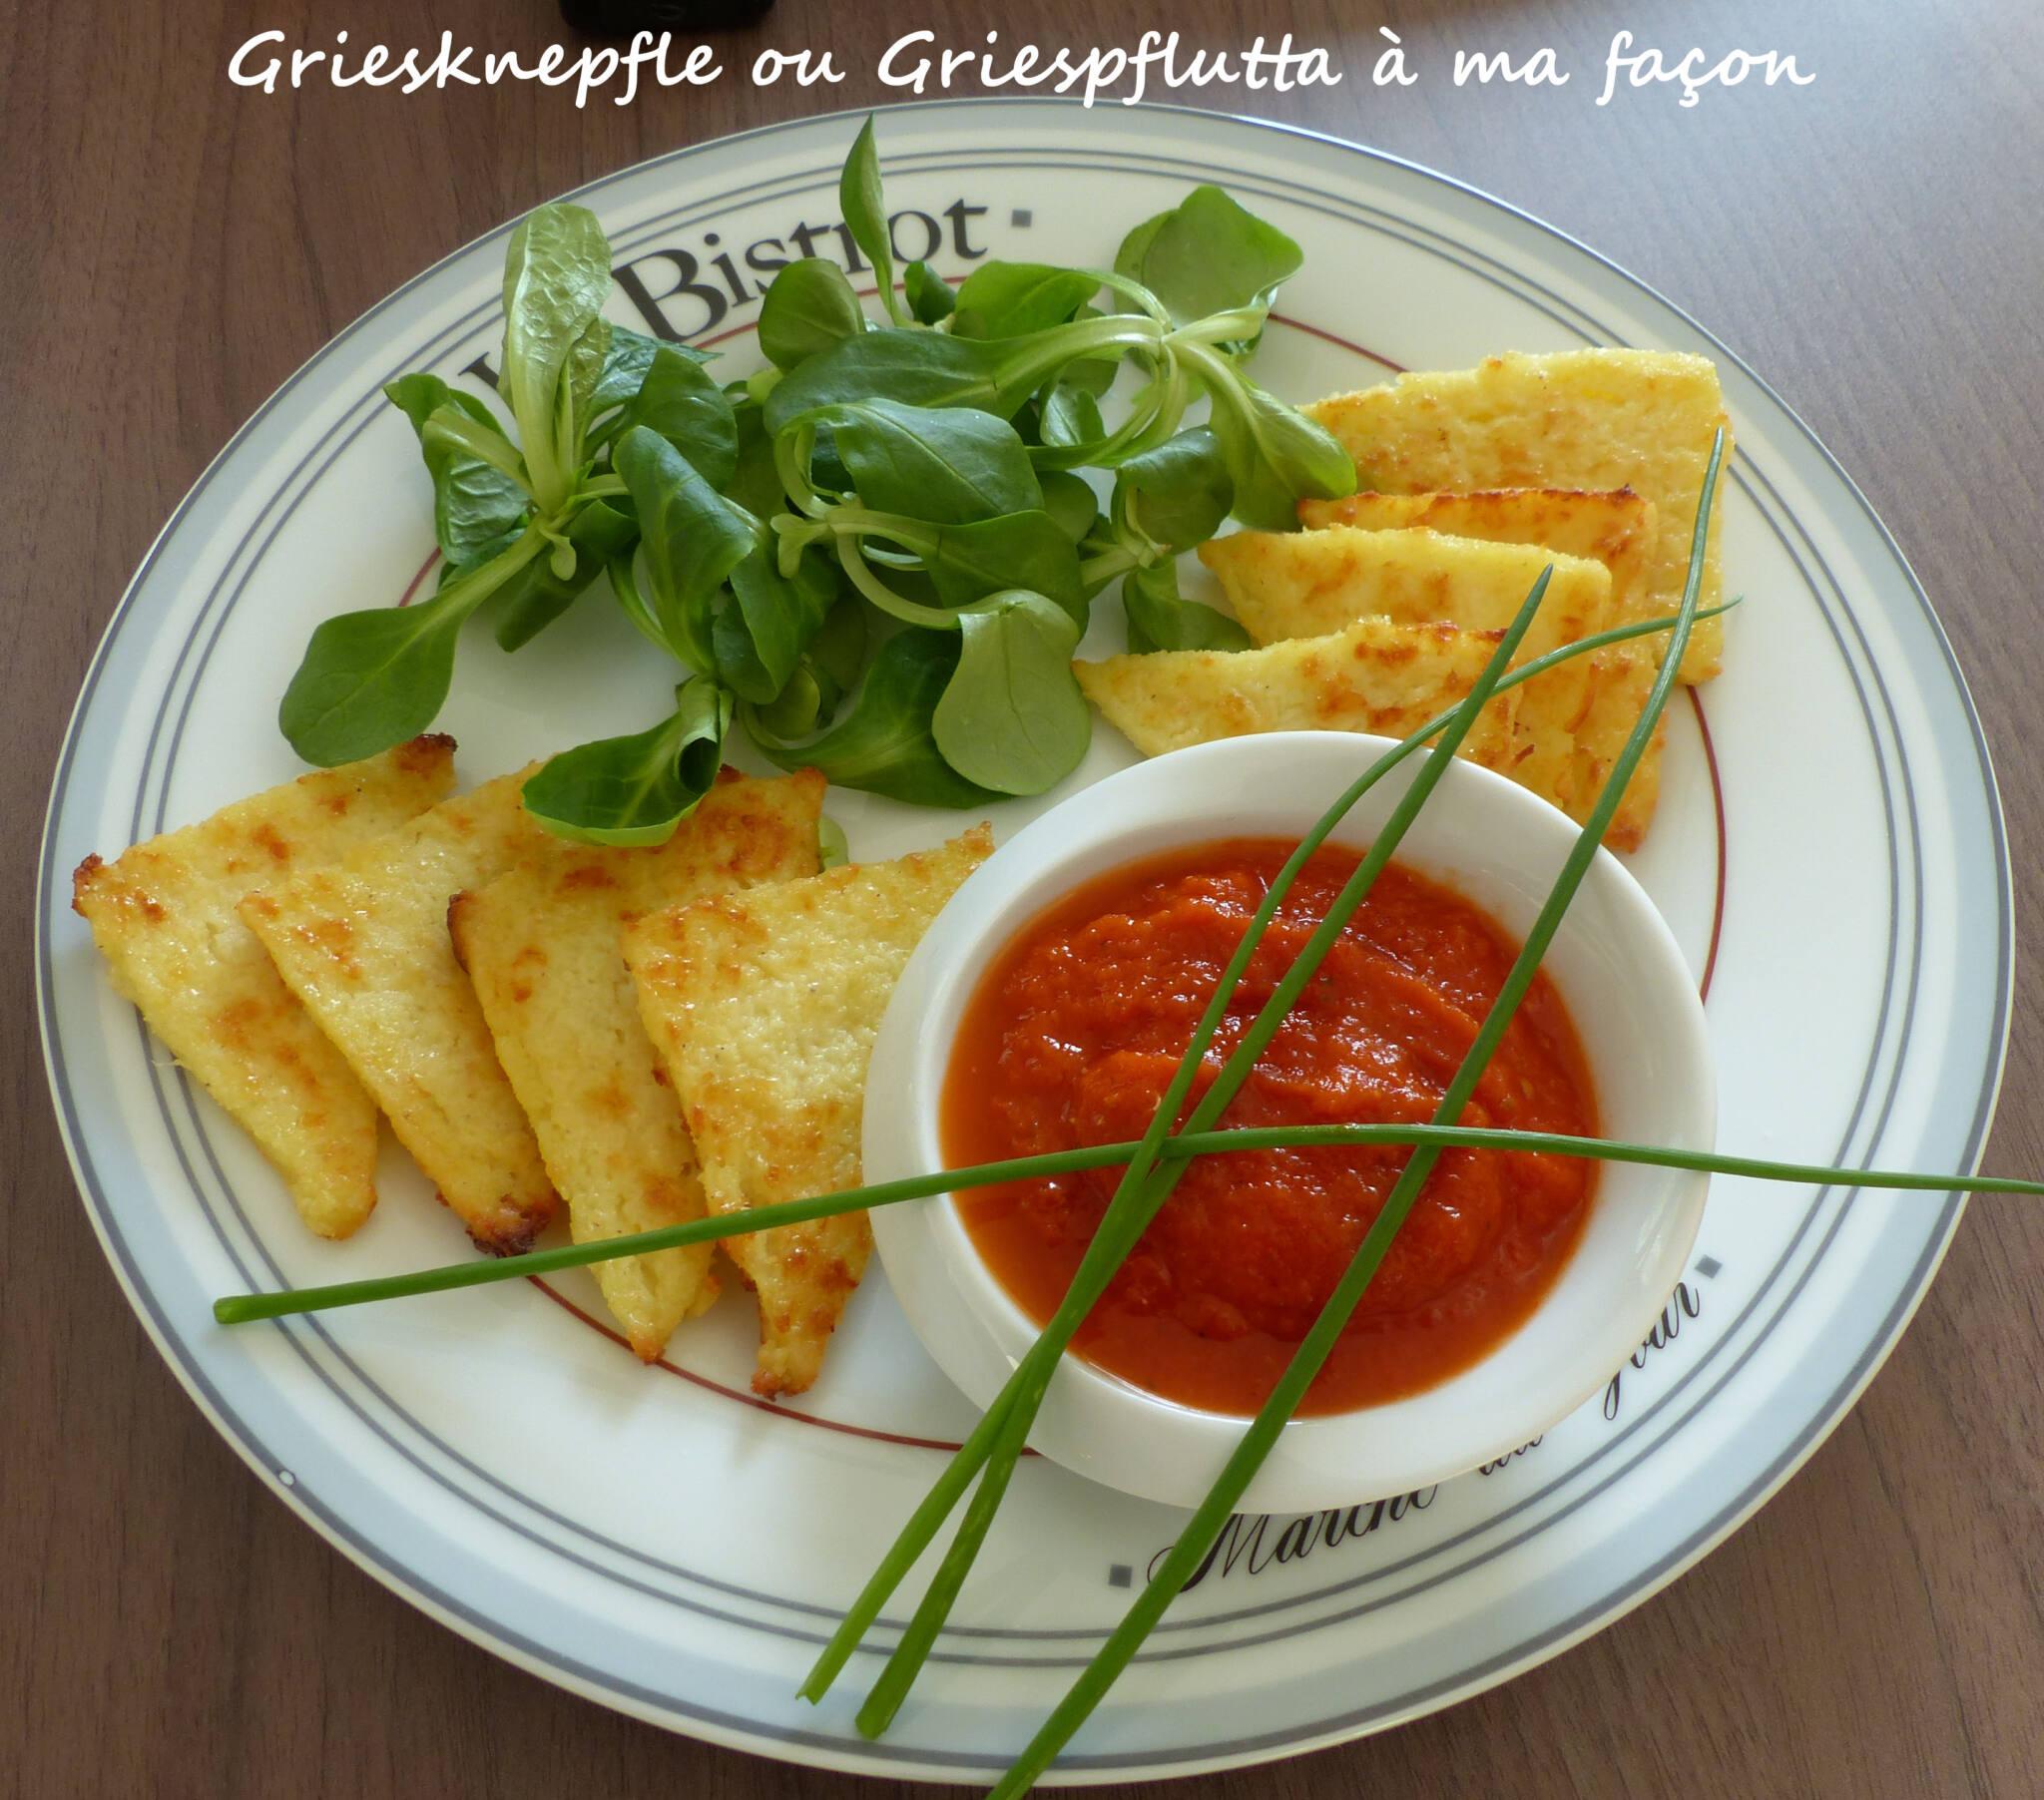 Griesknepfle ou Griespflutta à ma façon P1230834 R